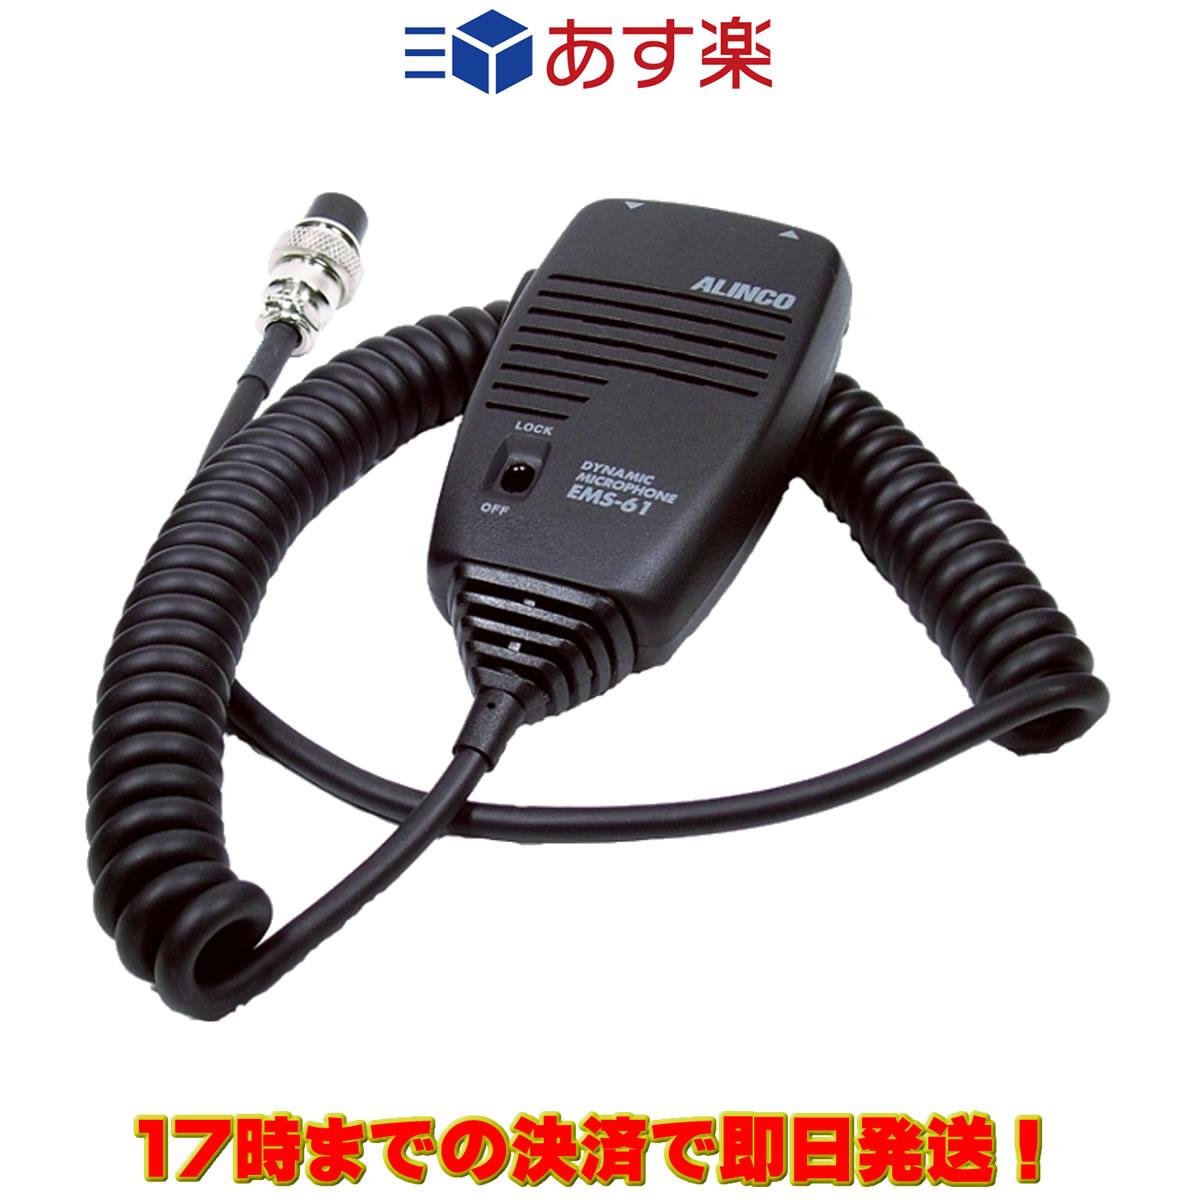 【ラッキーシール対応】 EMS-61 アルインコ ダイナミックマイク